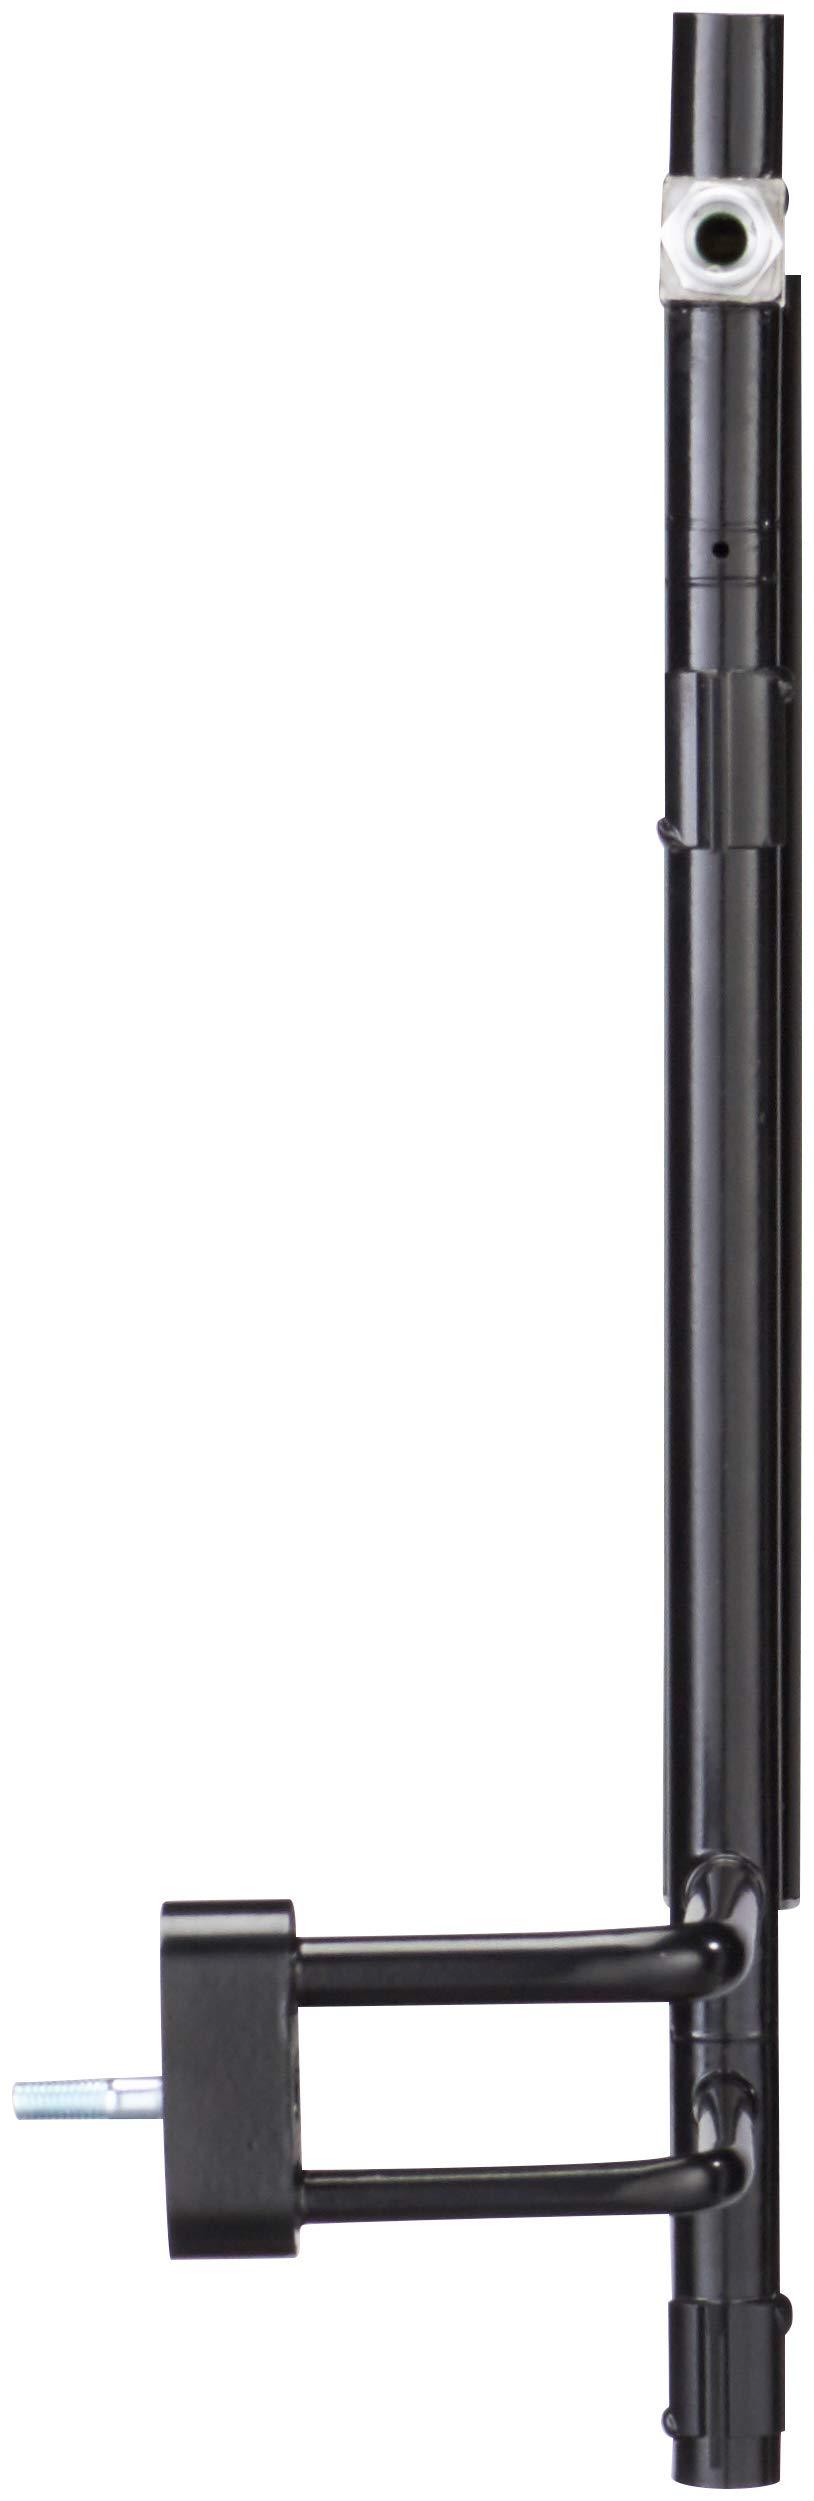 Spectra Premium 7-4283 Air Conditioning A/C Condenser by Spectra Premium (Image #3)